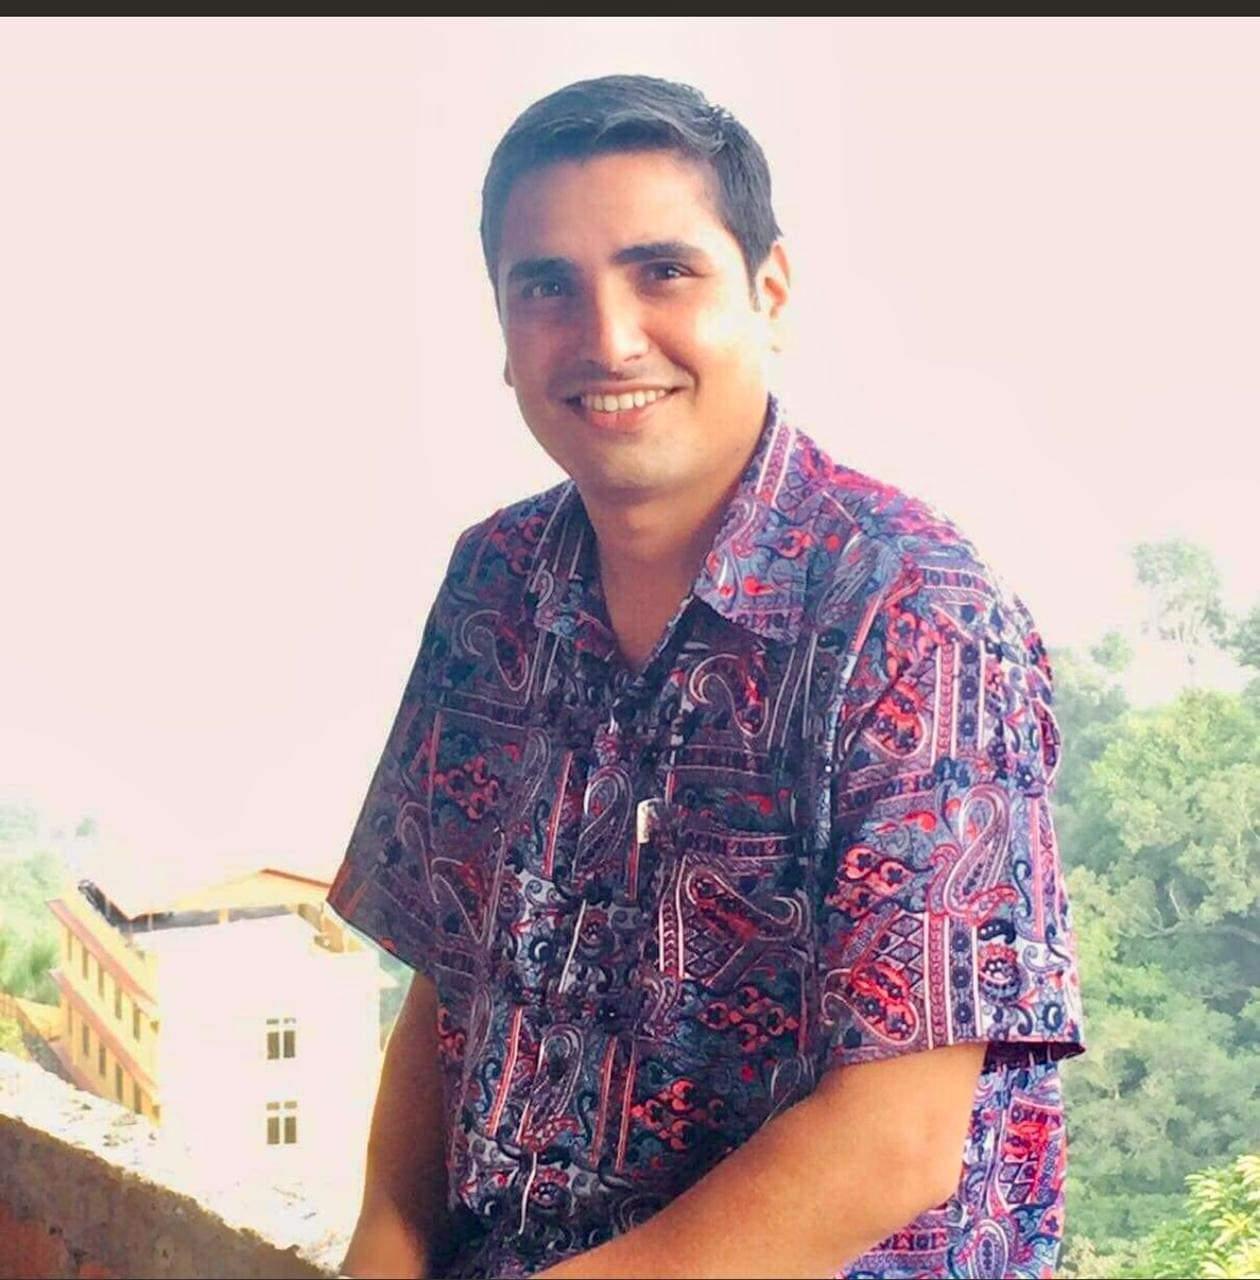 Dushyant Bhandari